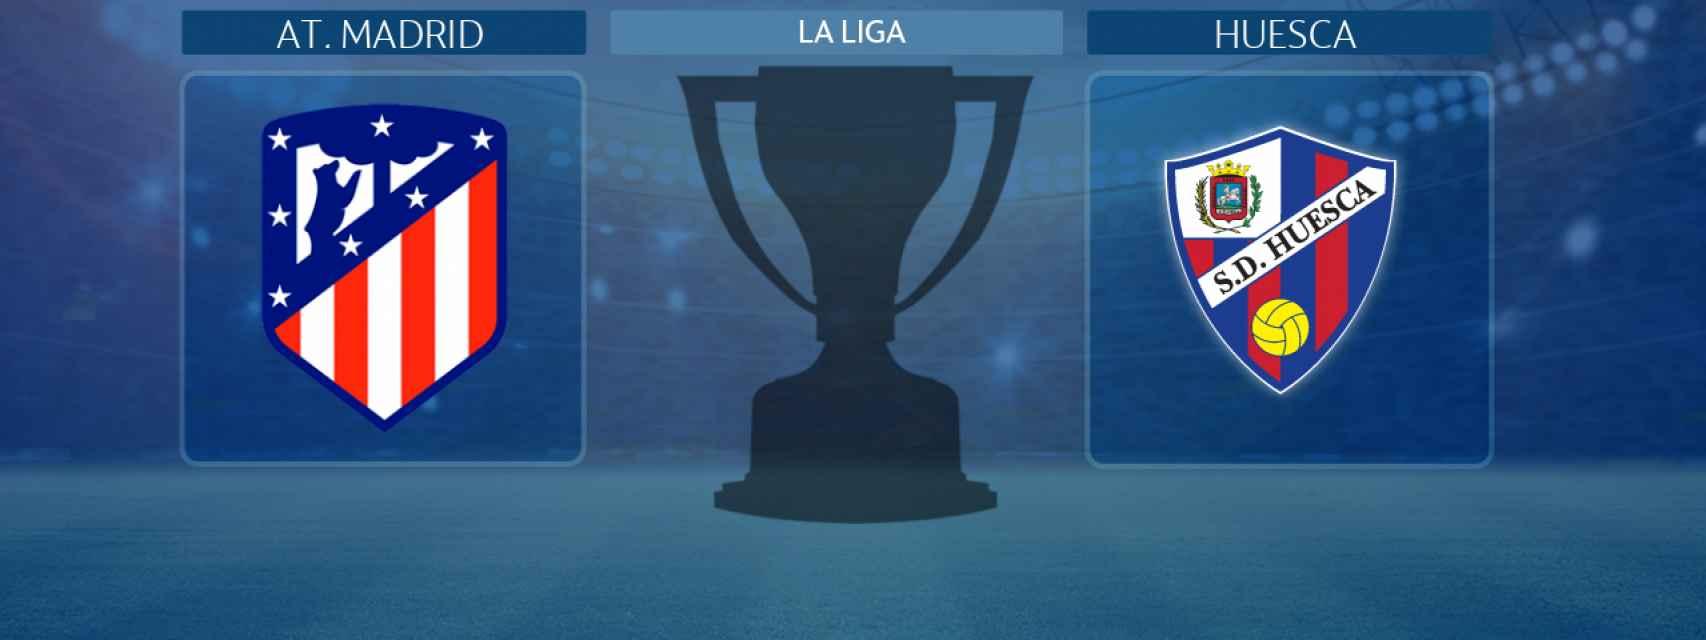 Atlético de Madrid - Huesca, partido de La Liga